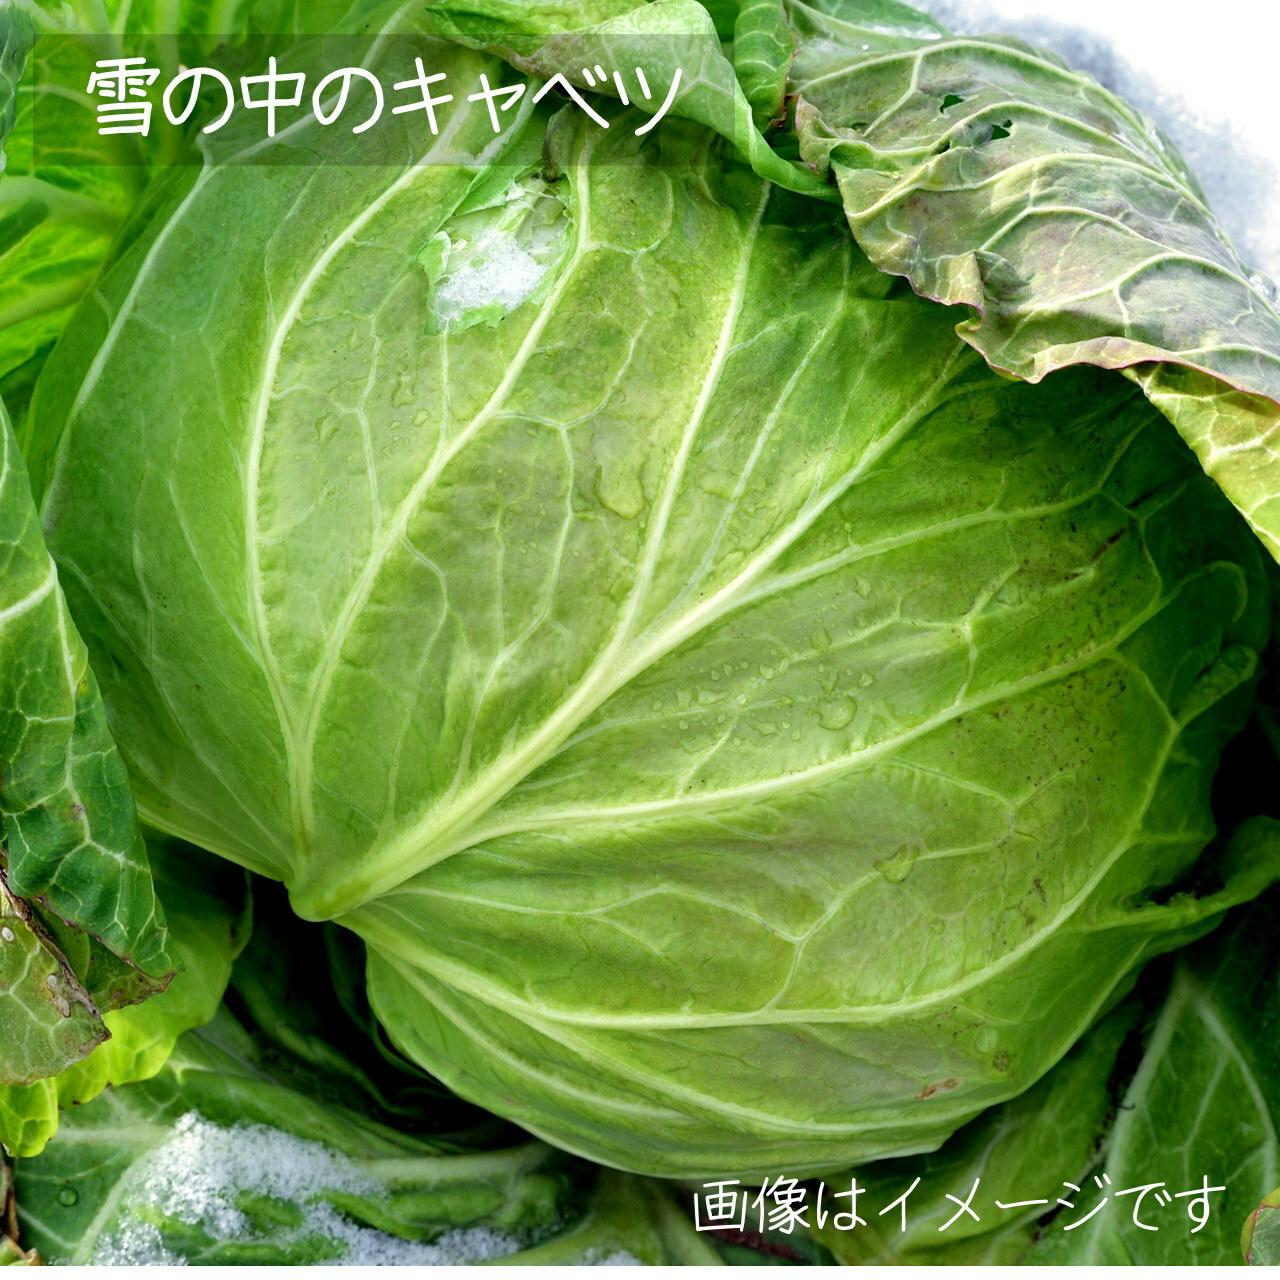 キャベツ 1個 : 6月の朝採り直売野菜  春の新鮮野菜 6月13日発送予定